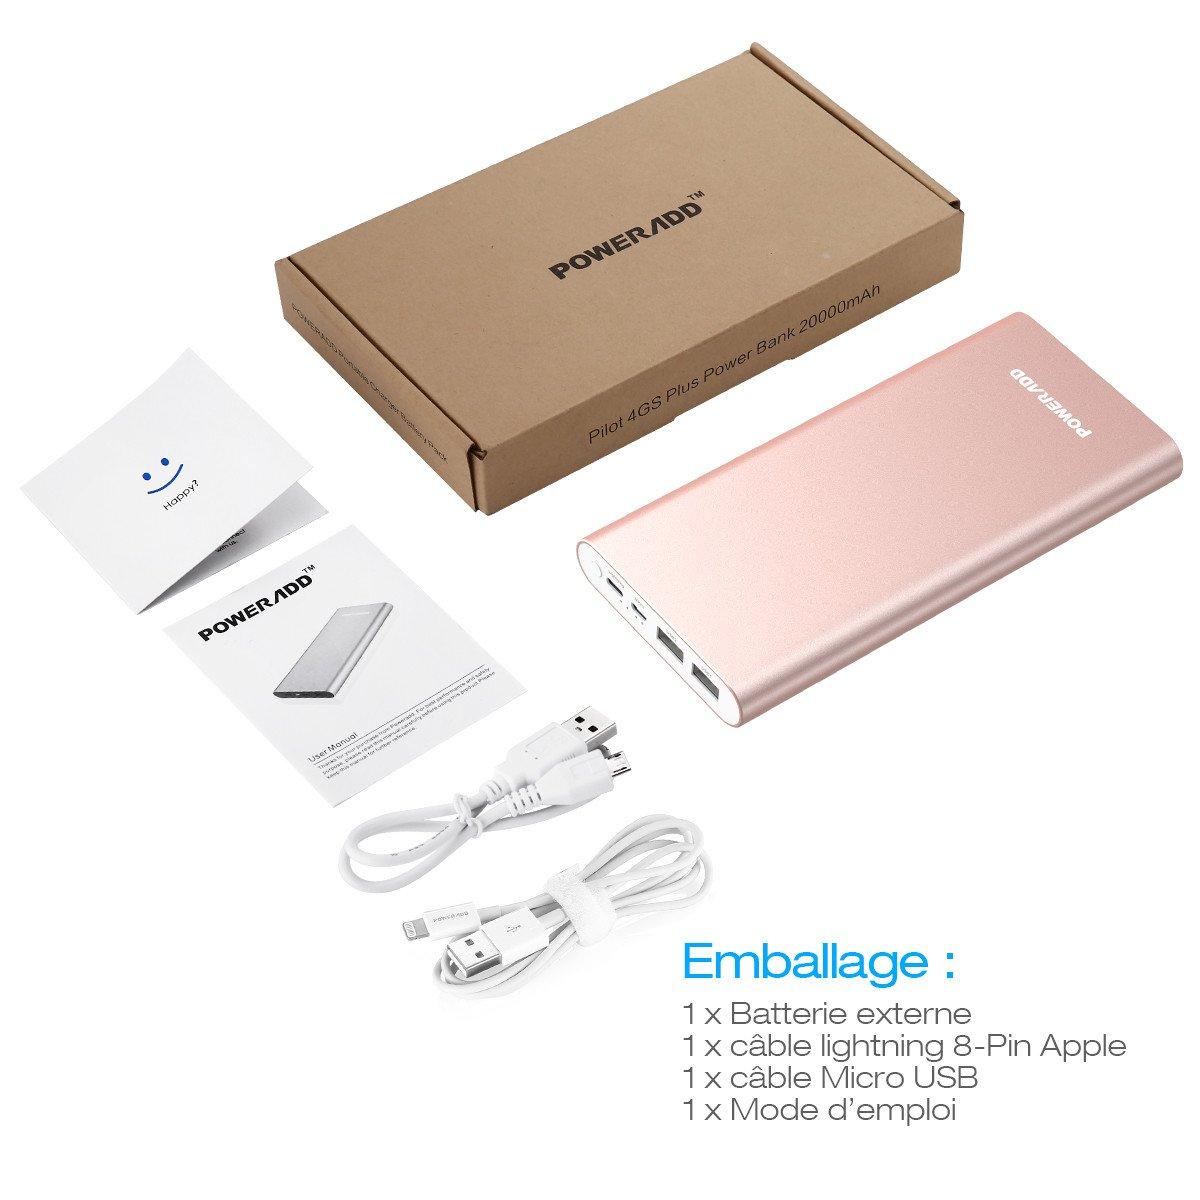 POWERADD Pilot 4GS Plus Batterie Externe 20000mAh/74Wh Deux Entrée Lightning+Micro USB et Sortie (3A+3A) pour iPhone X/8/8 Plus, Samsung, Huawei, iPad, Tablette etc- Rose Doré